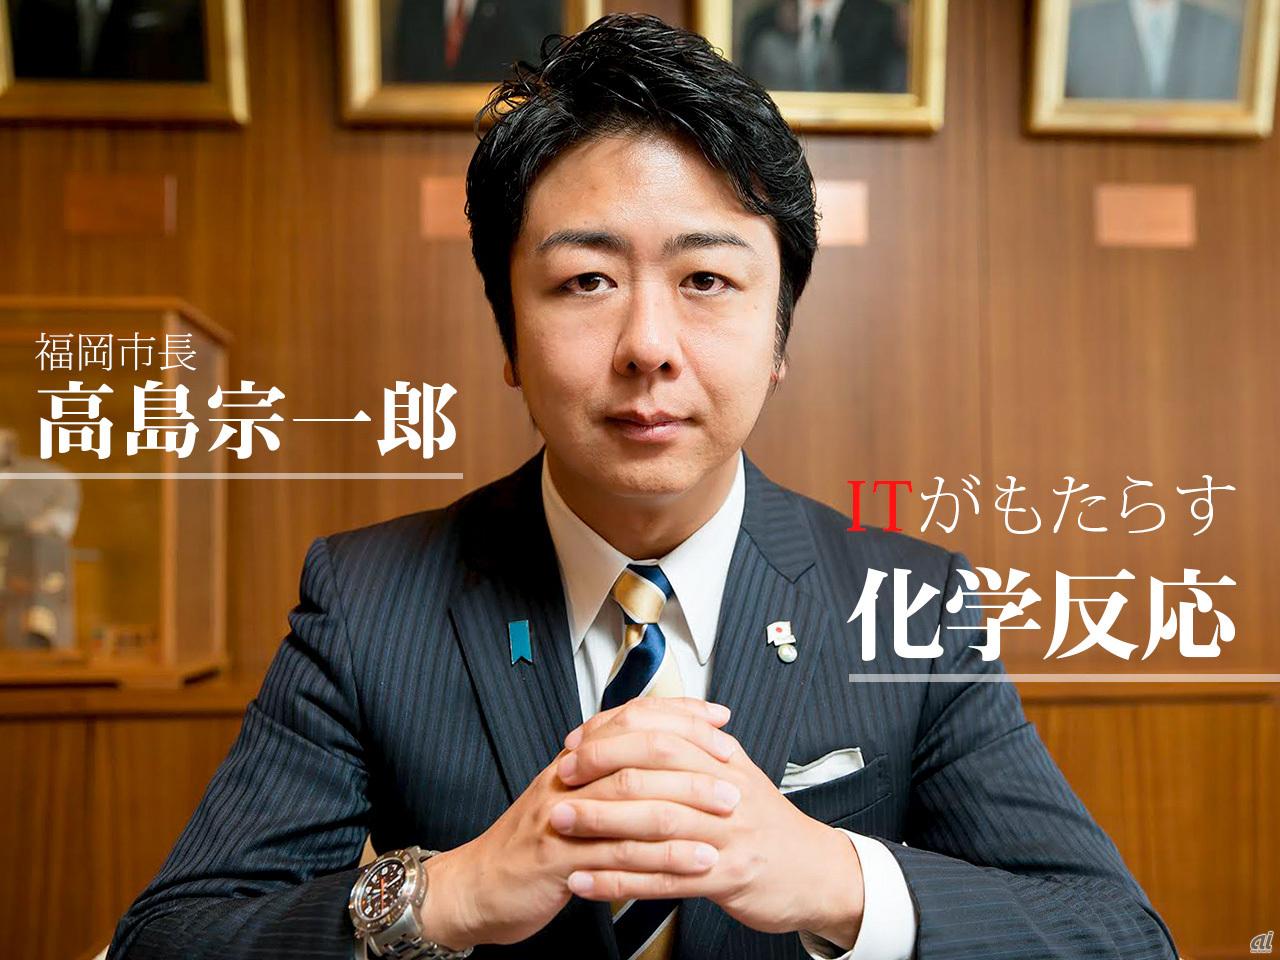 京香 彼氏 鈴木